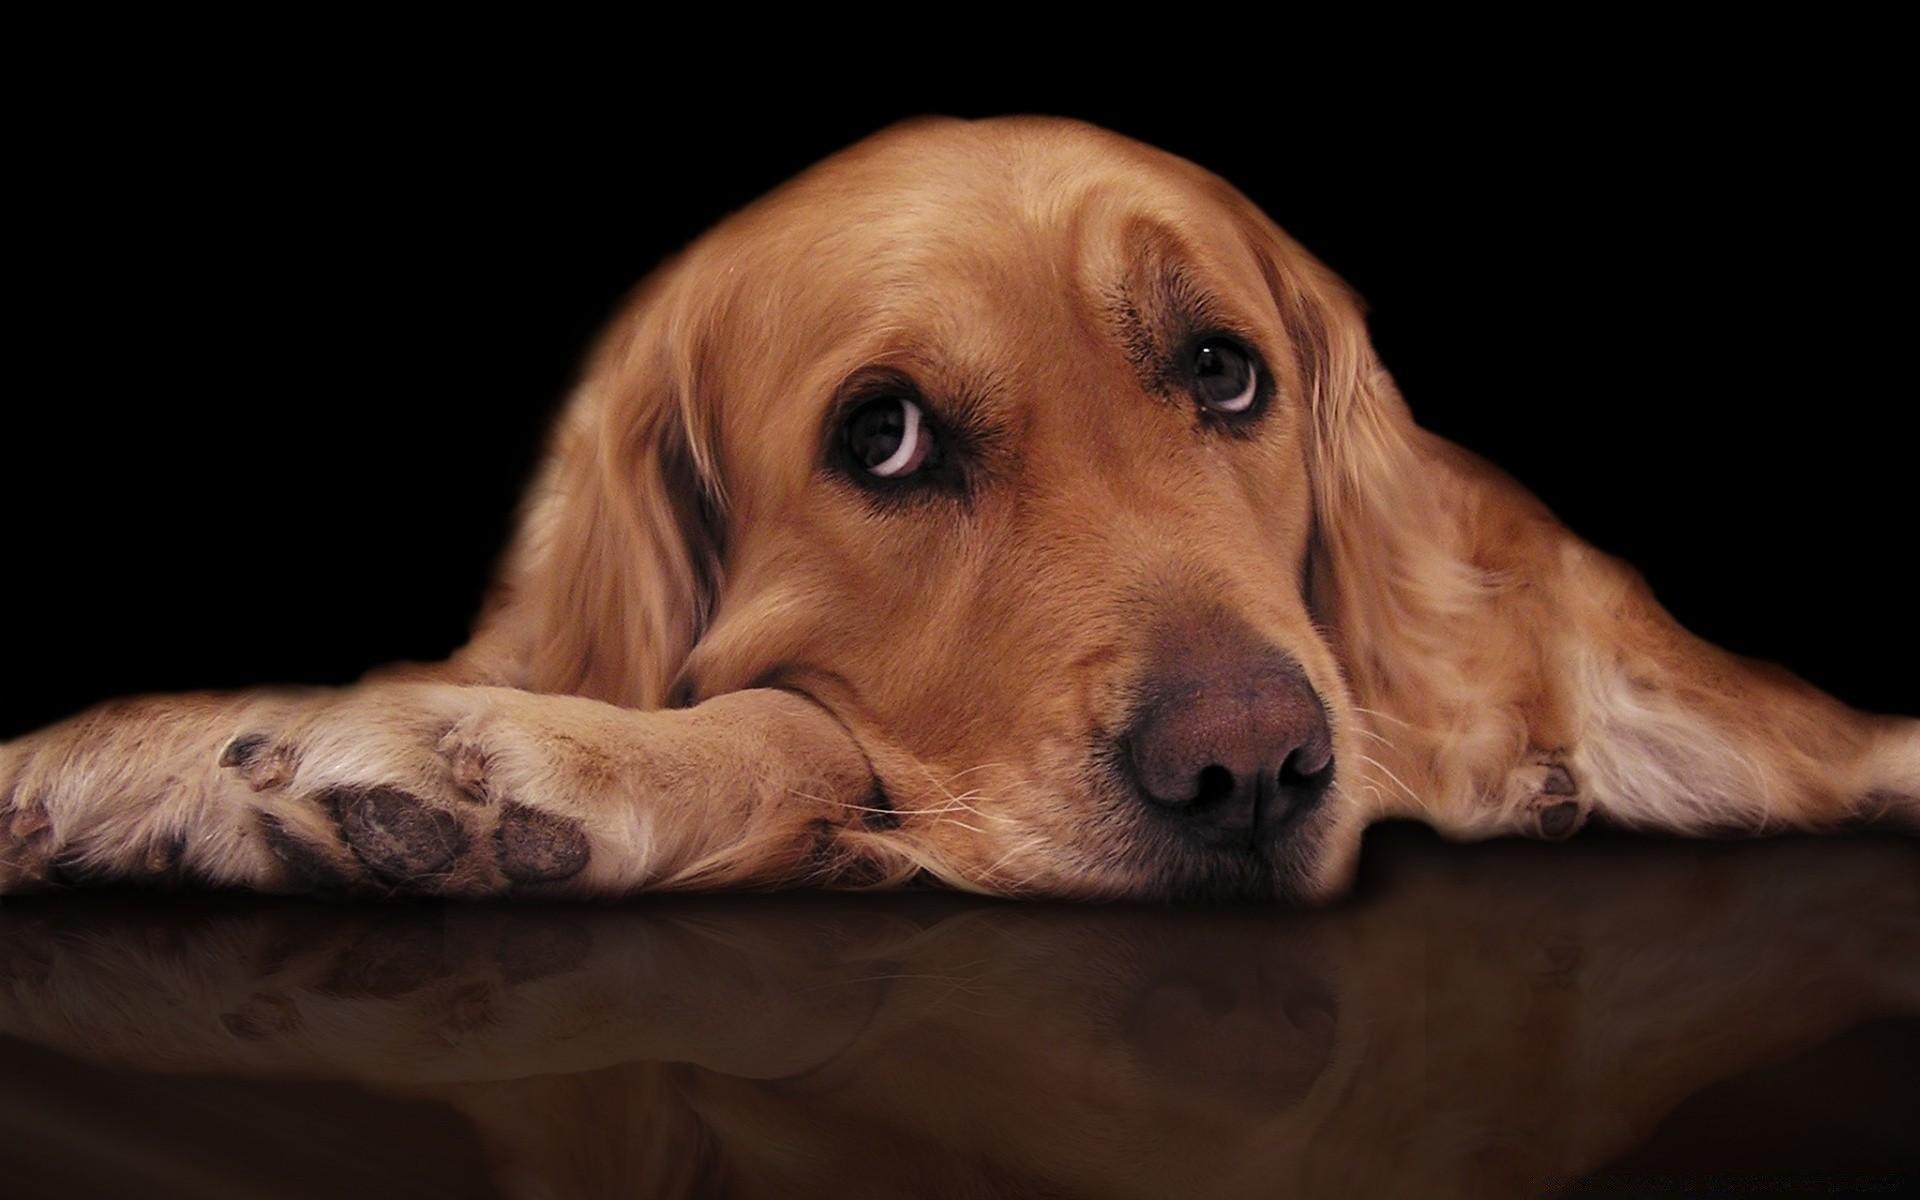 салон картинка с грустными глазами зверек скучающий прибился нему случайно